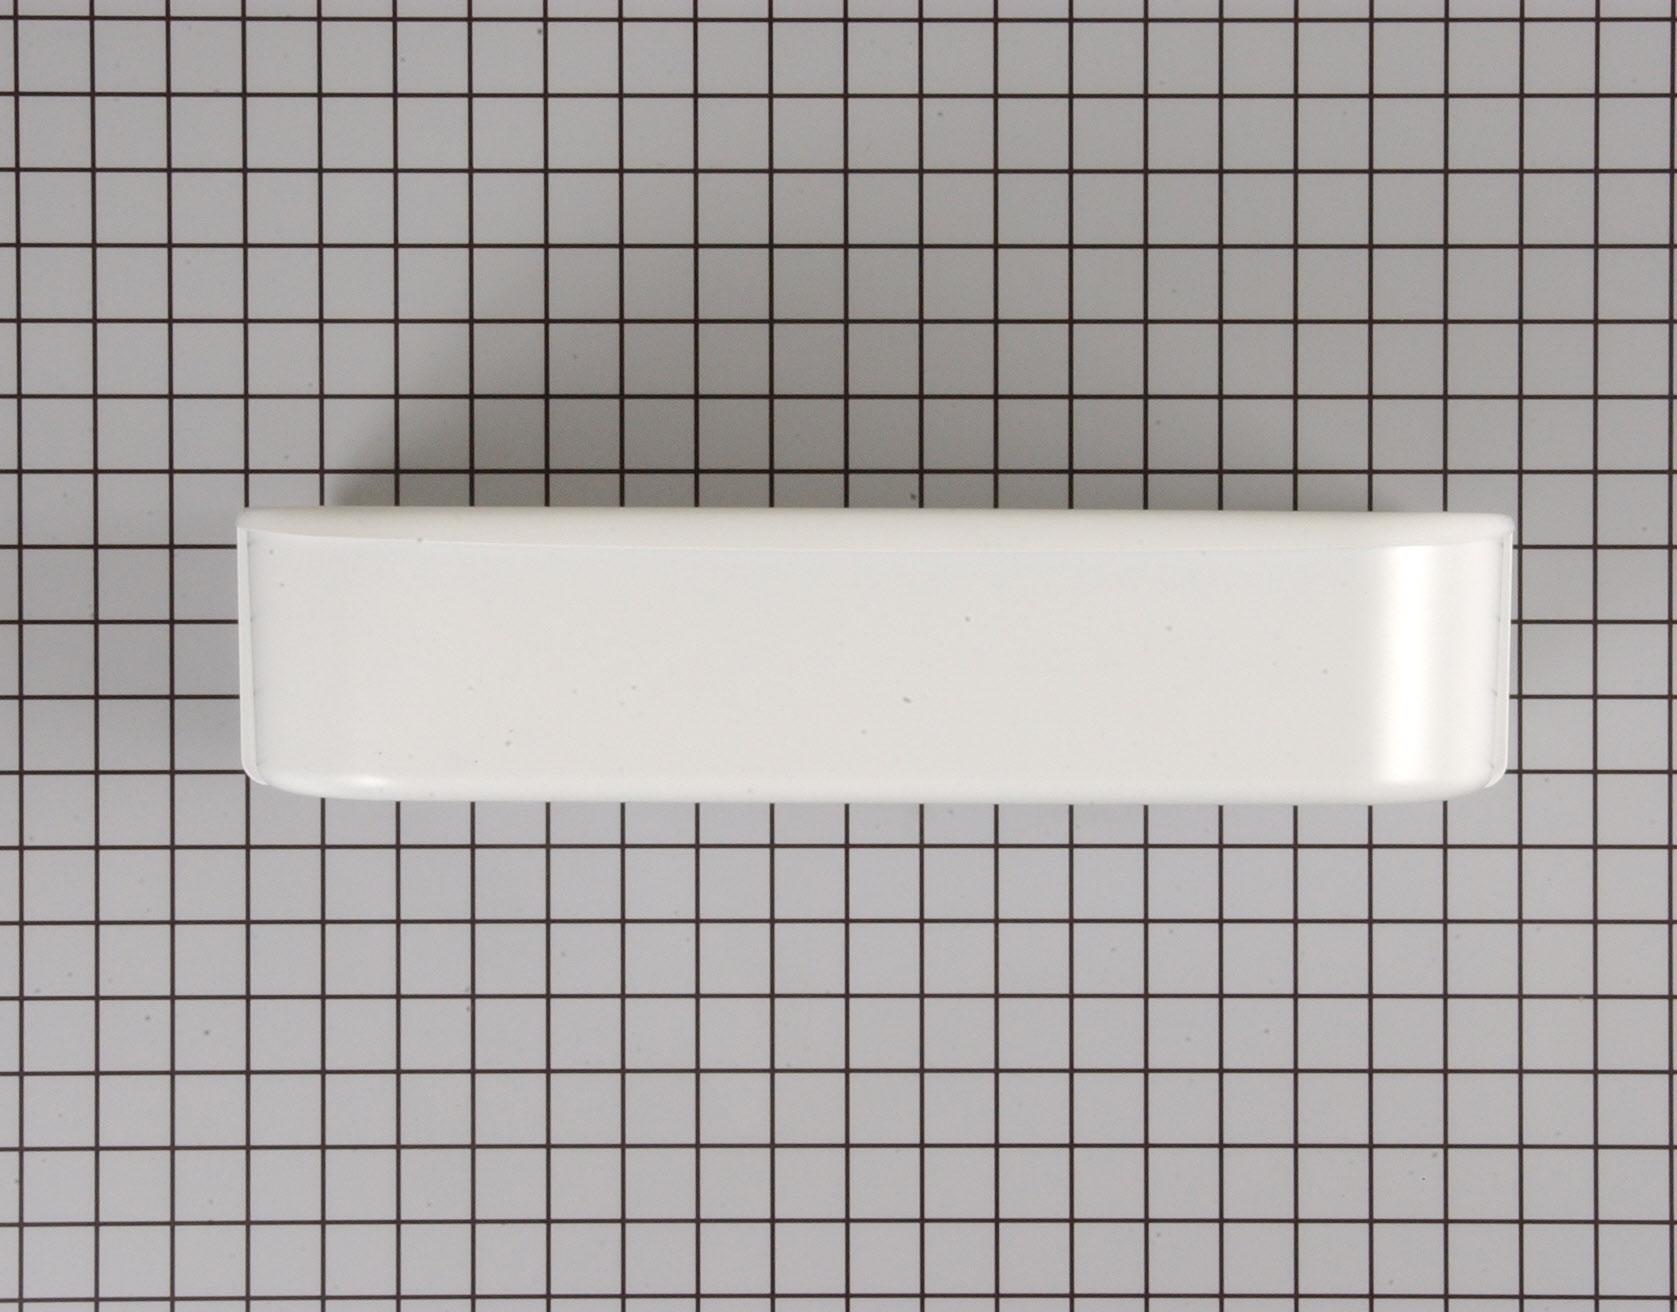 WP67004110 Crosley Refrigerator Part -Door Shelf Bin